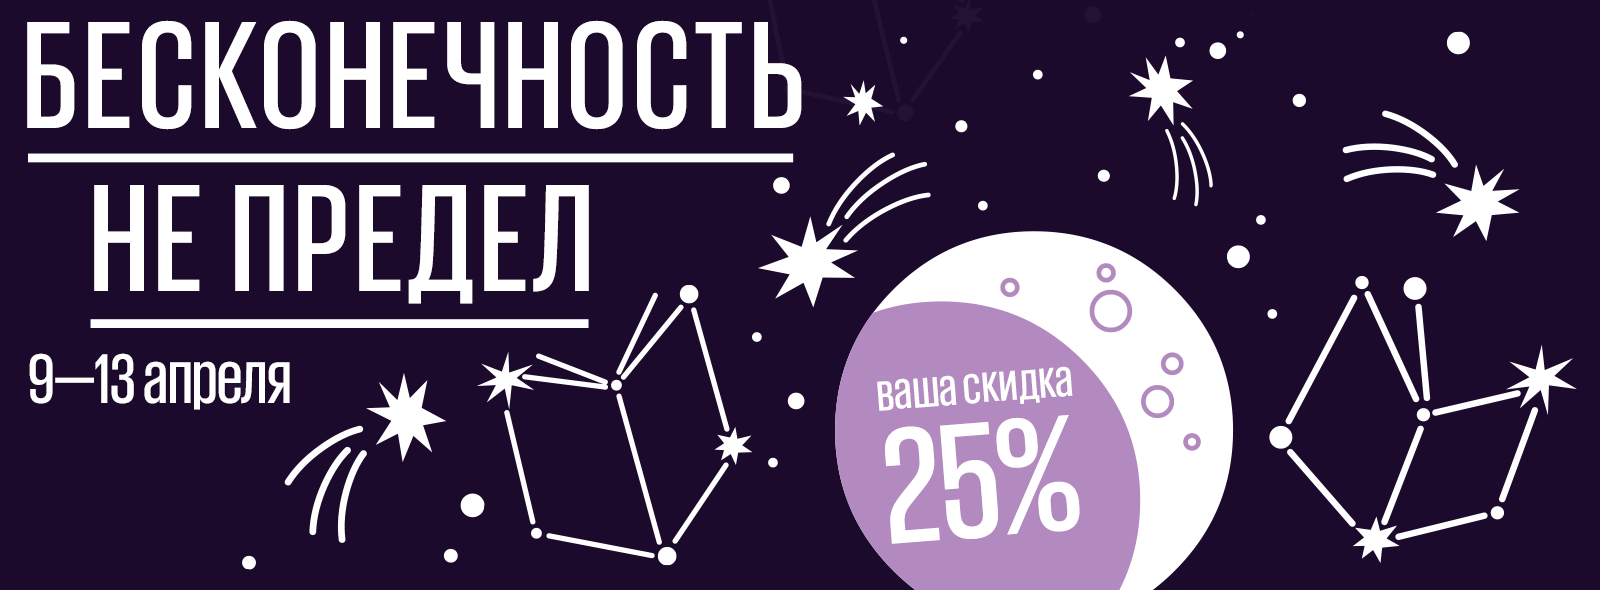 Бесконечность — не предел! 25% на все